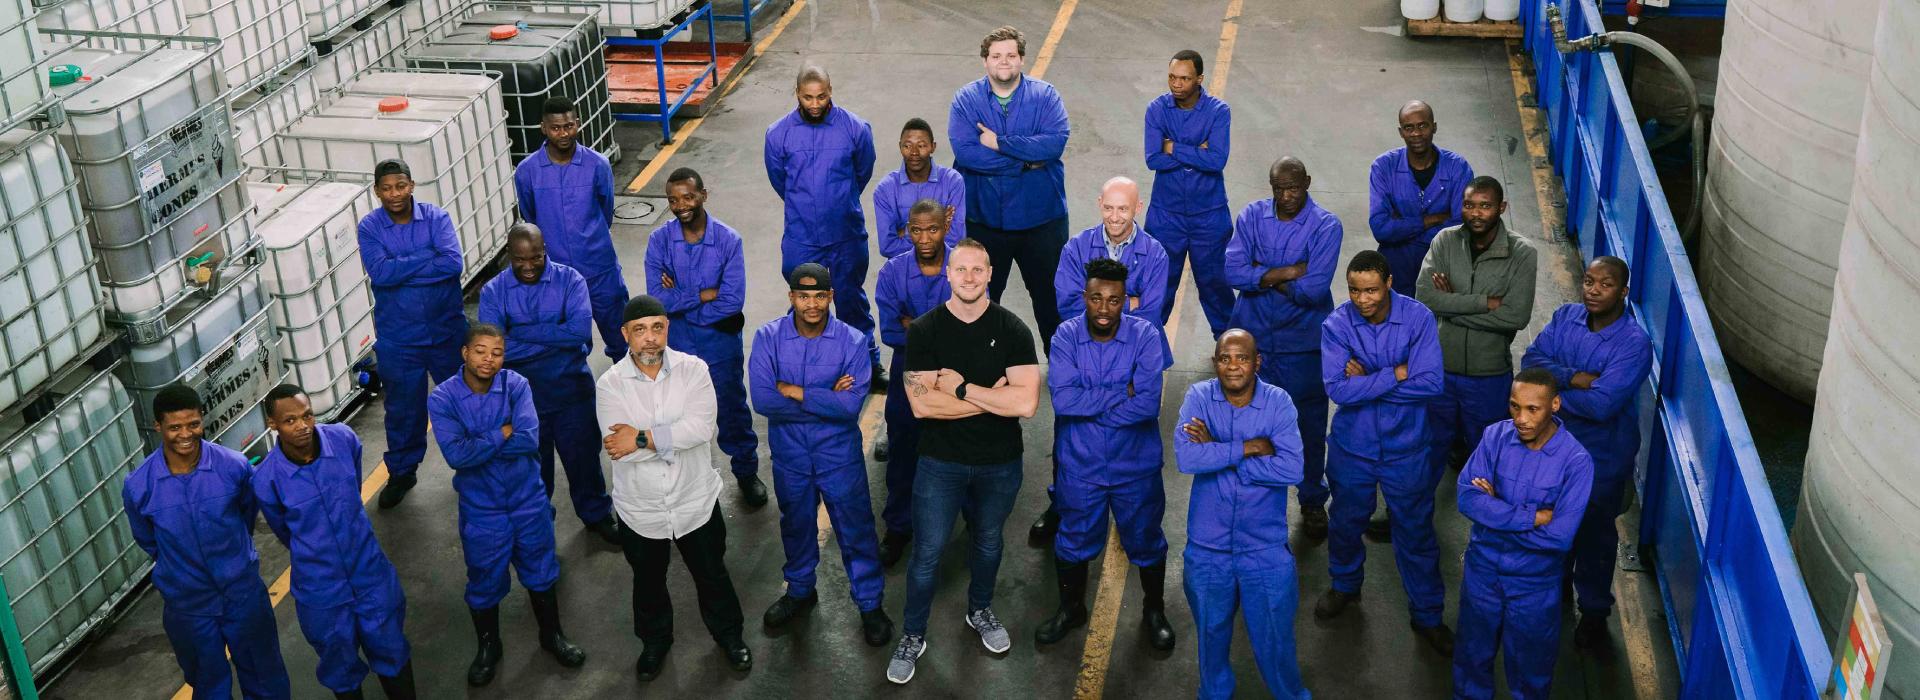 Chemplus Production-Department